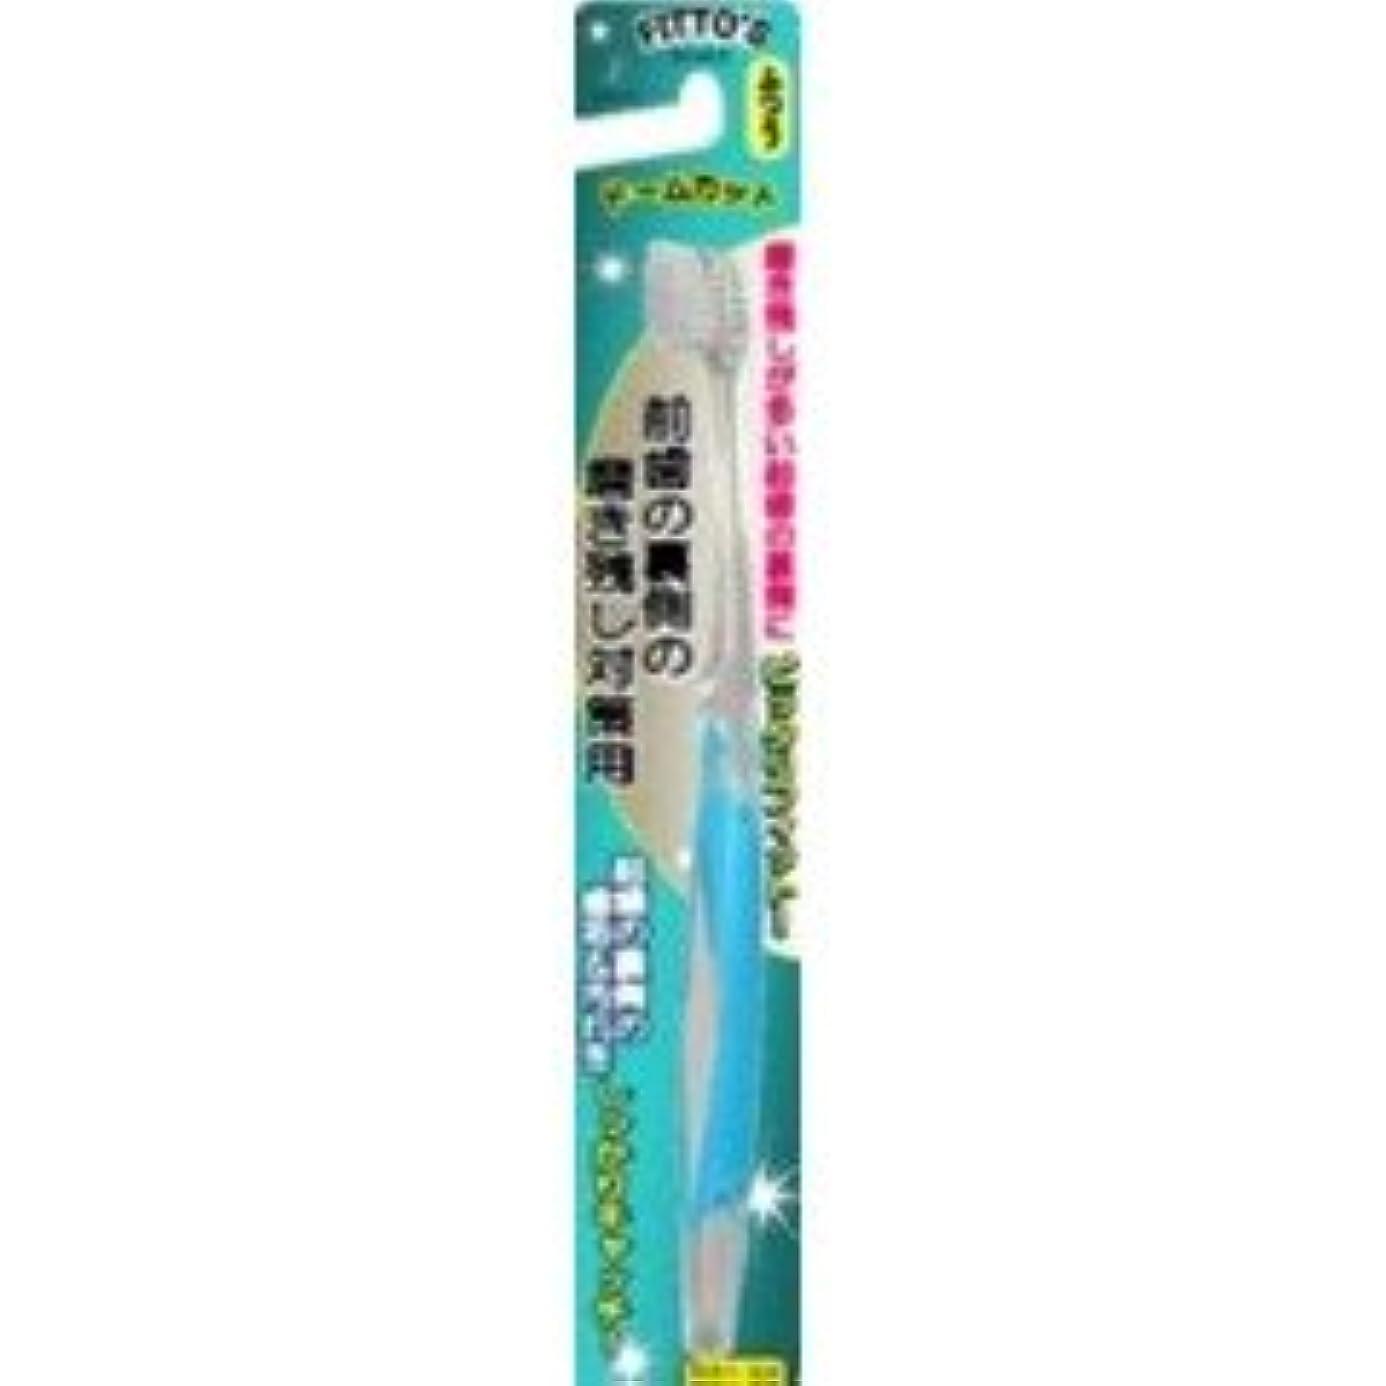 リビングルーム私たち自身肘掛け椅子前歯の裏側の磨き残し対策用歯ブラシ フィットス ふつう×3個